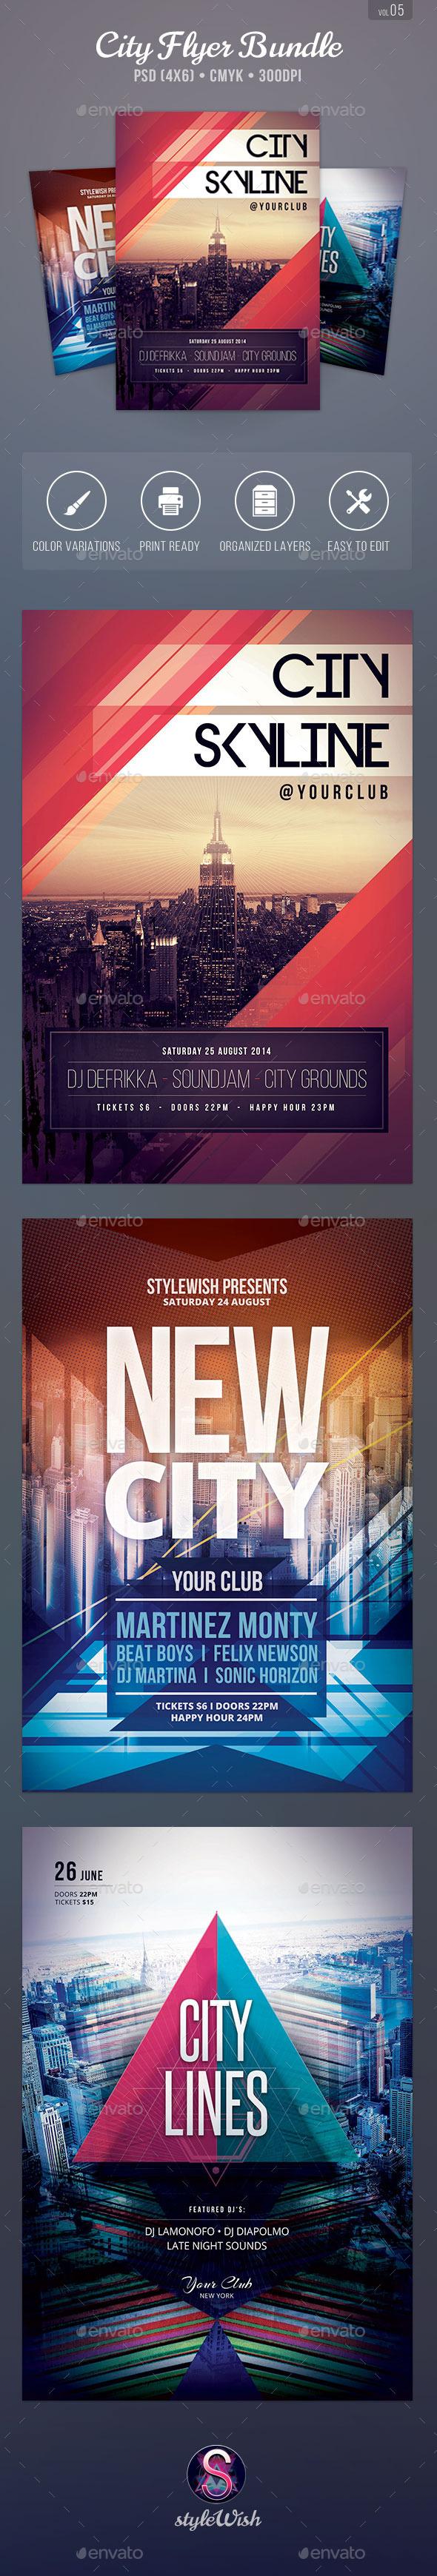 City Party Flyer Bundle Vol.5 - Clubs & Parties Events